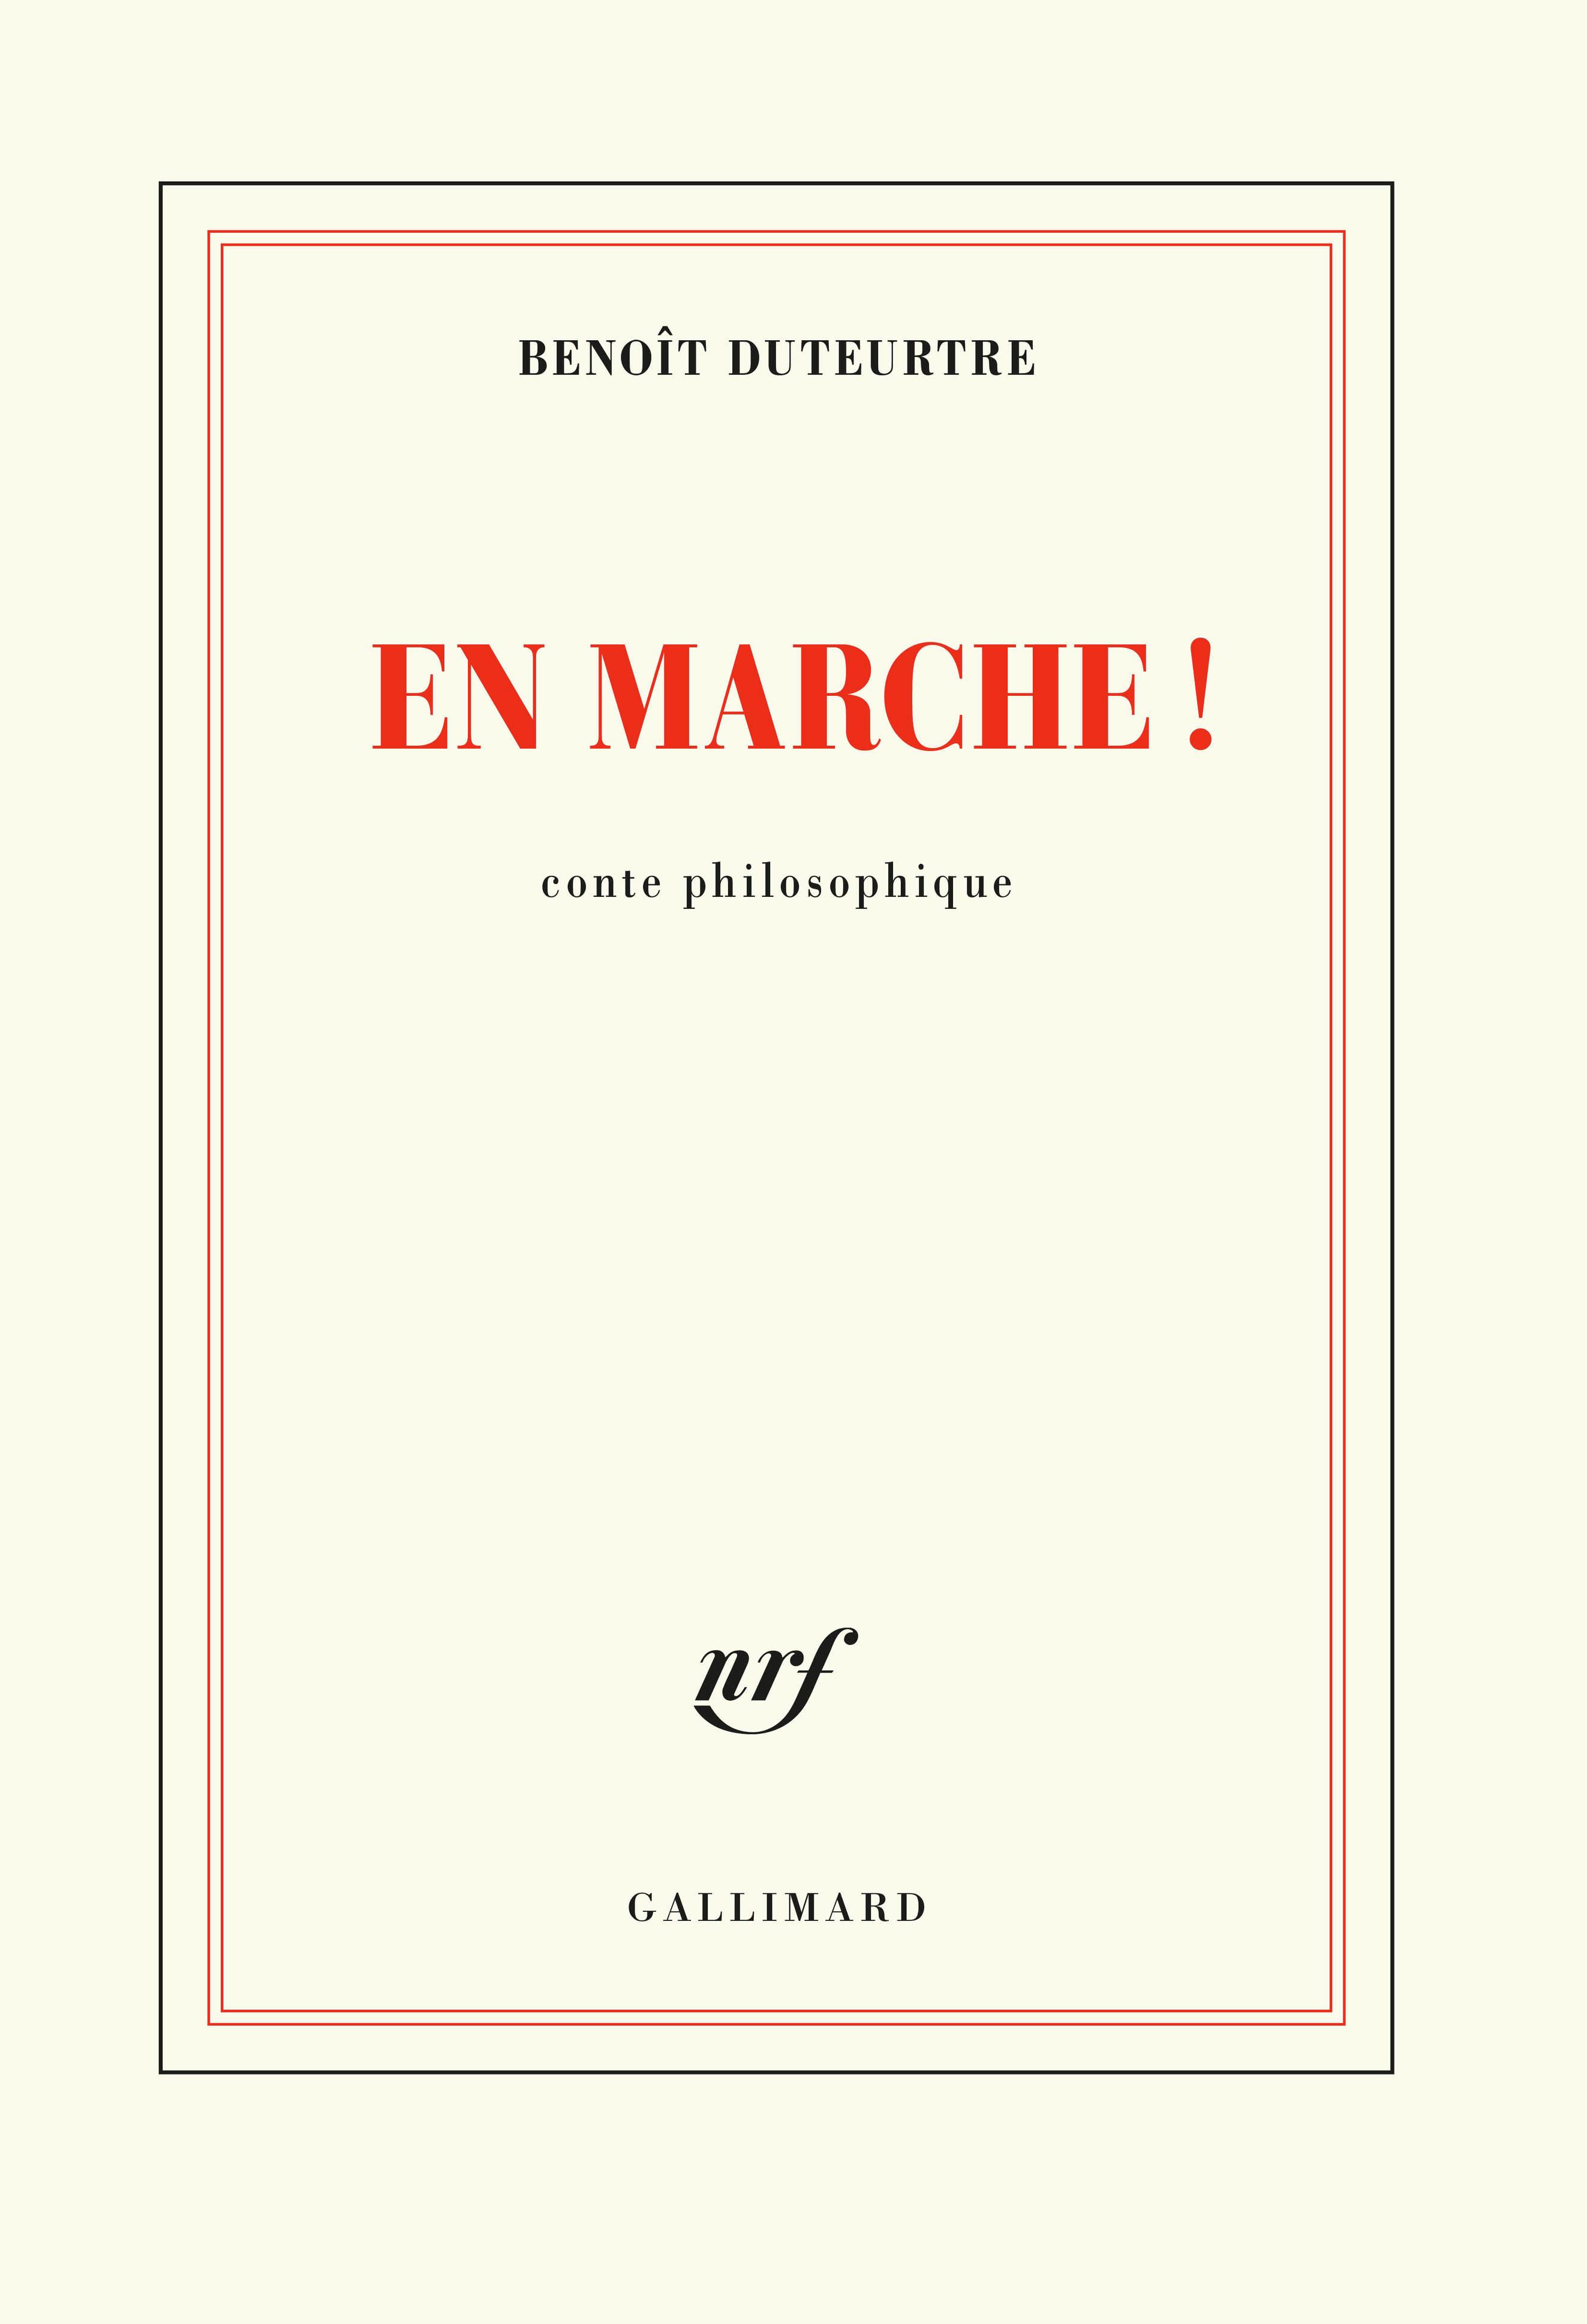 """Résultat de recherche d'images pour """"en marche benoit duteurtre"""""""